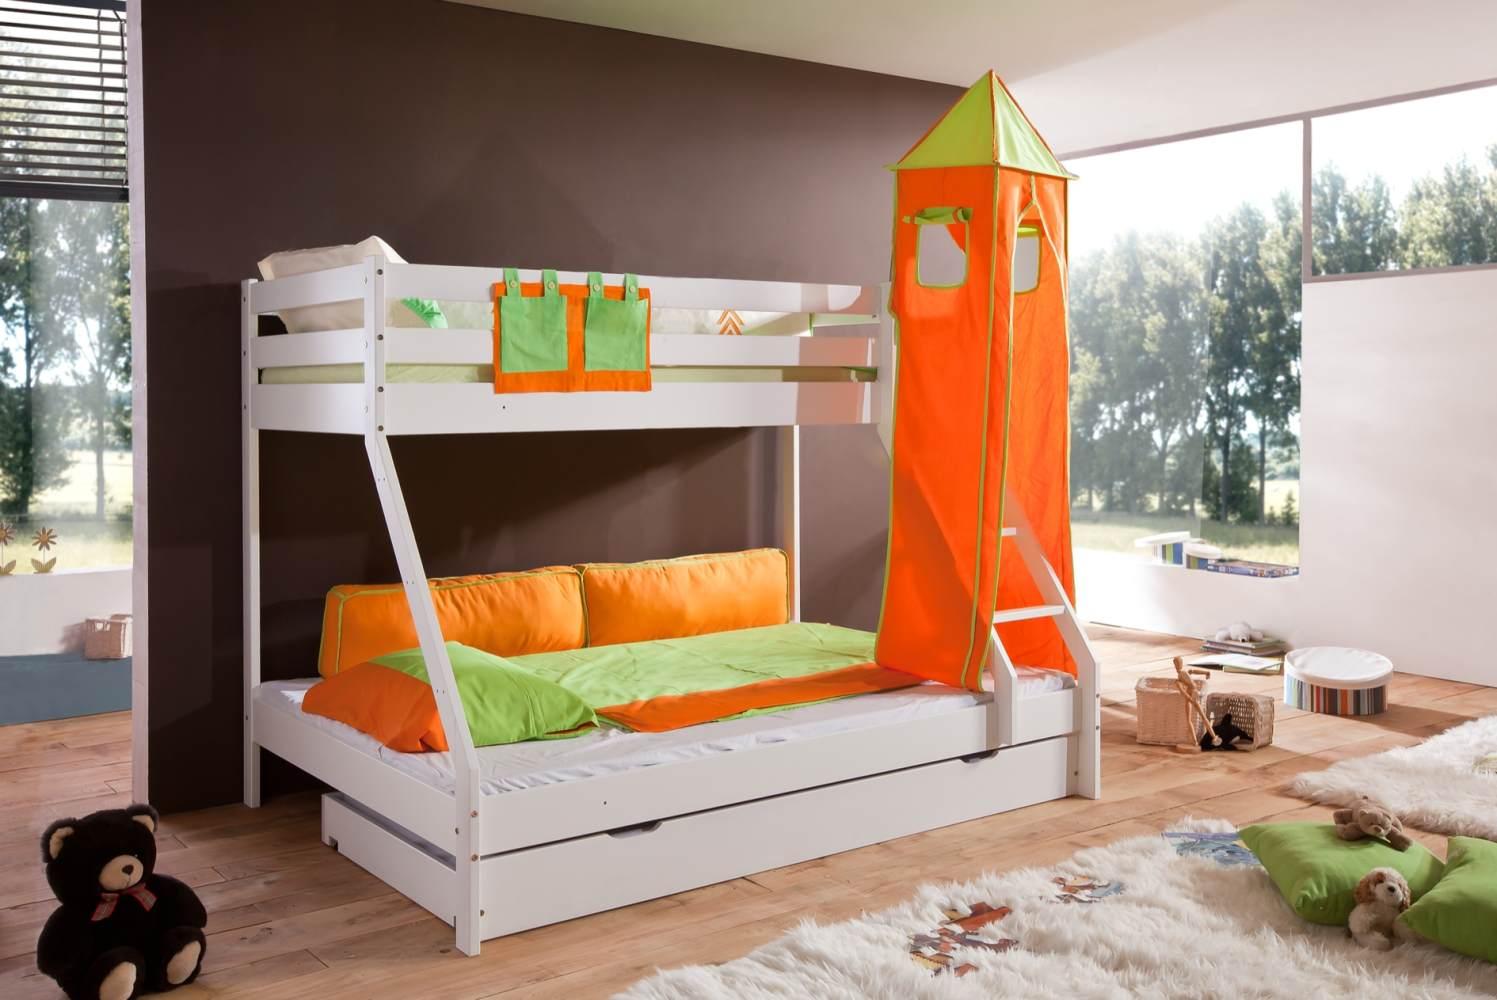 Relita 'Mike' Etagenbett weiß, inkl. Bettschublade und Textilset Turm und Tasche 'grün/orange' Bild 1